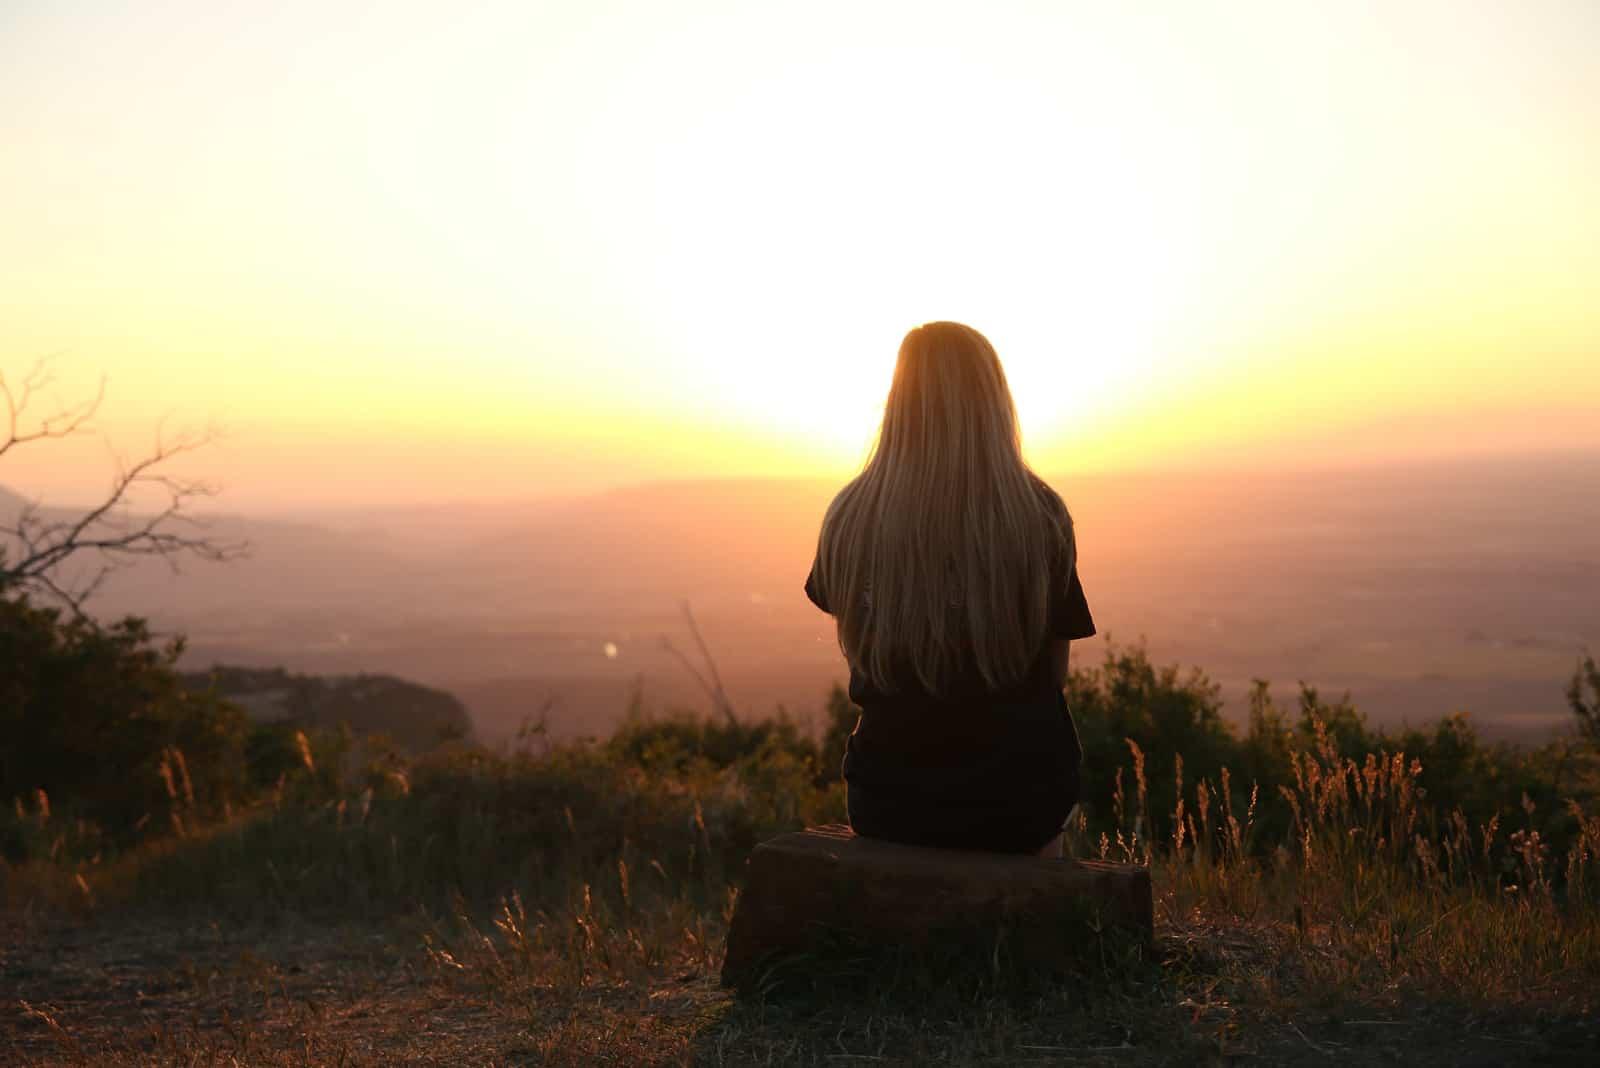 femme blonde assise sur un rocher regardant le coucher de soleil